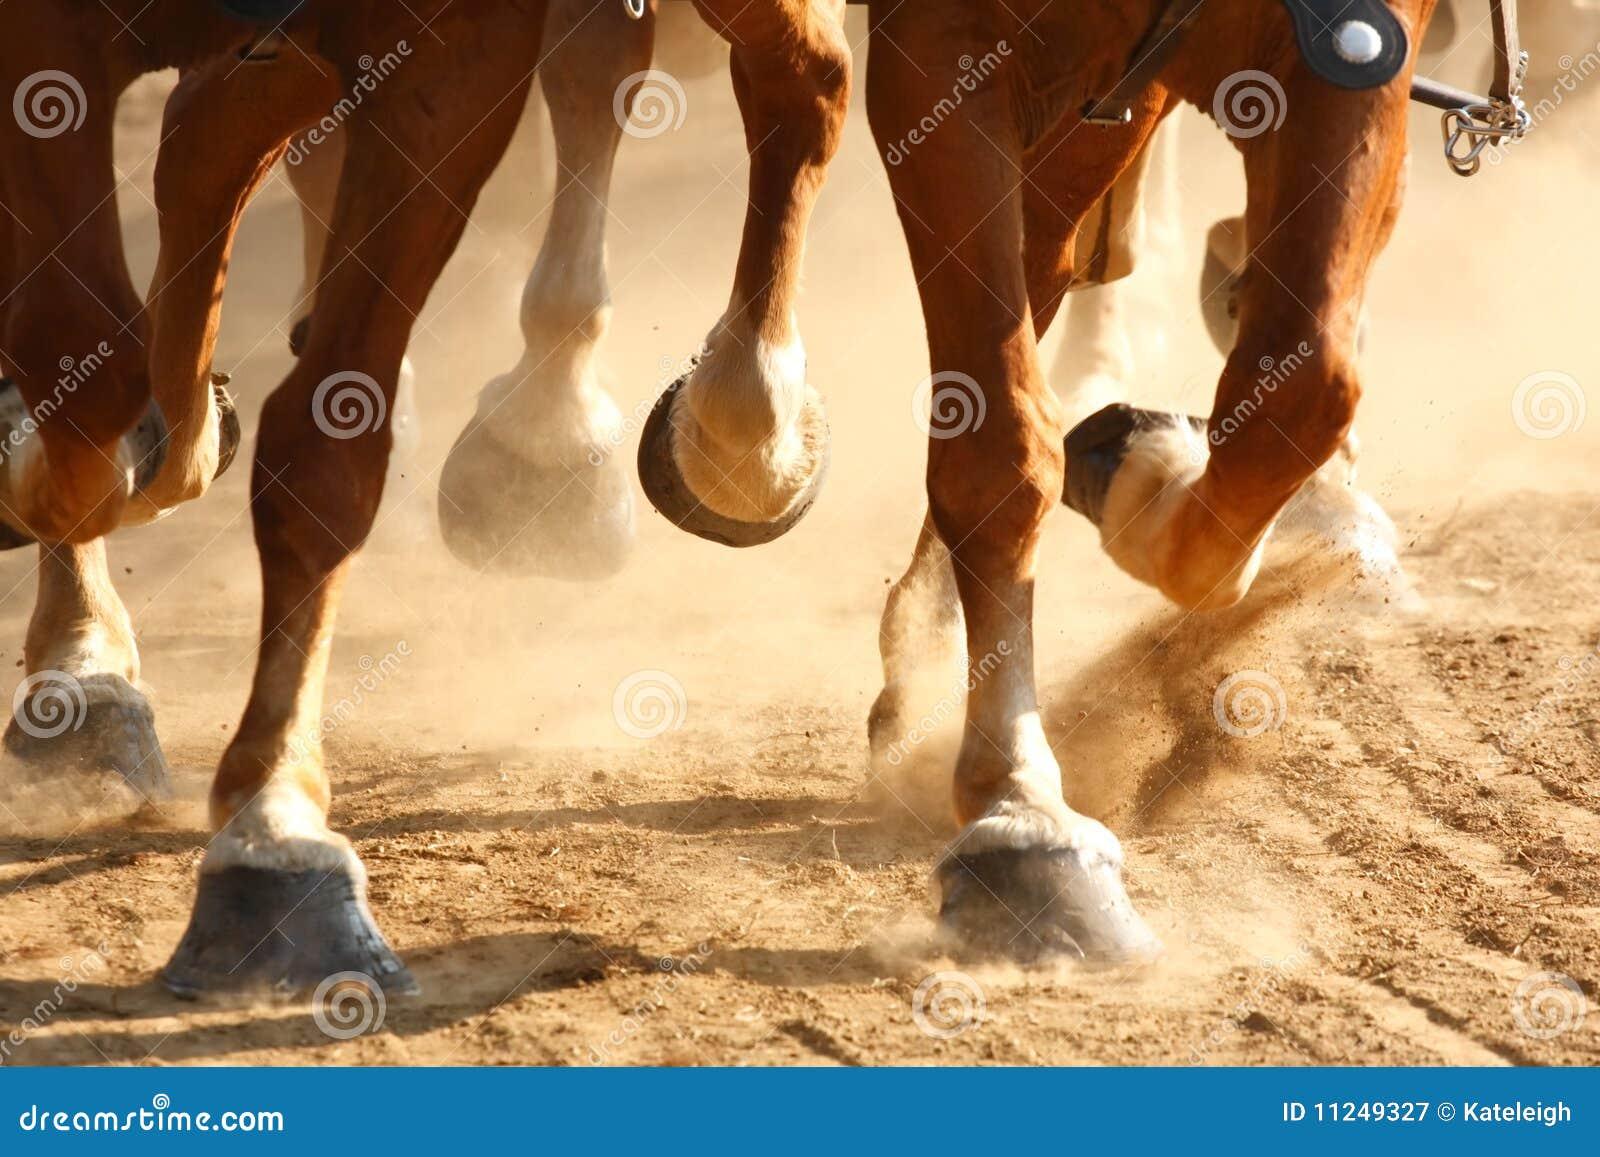 疾驰的蹄马